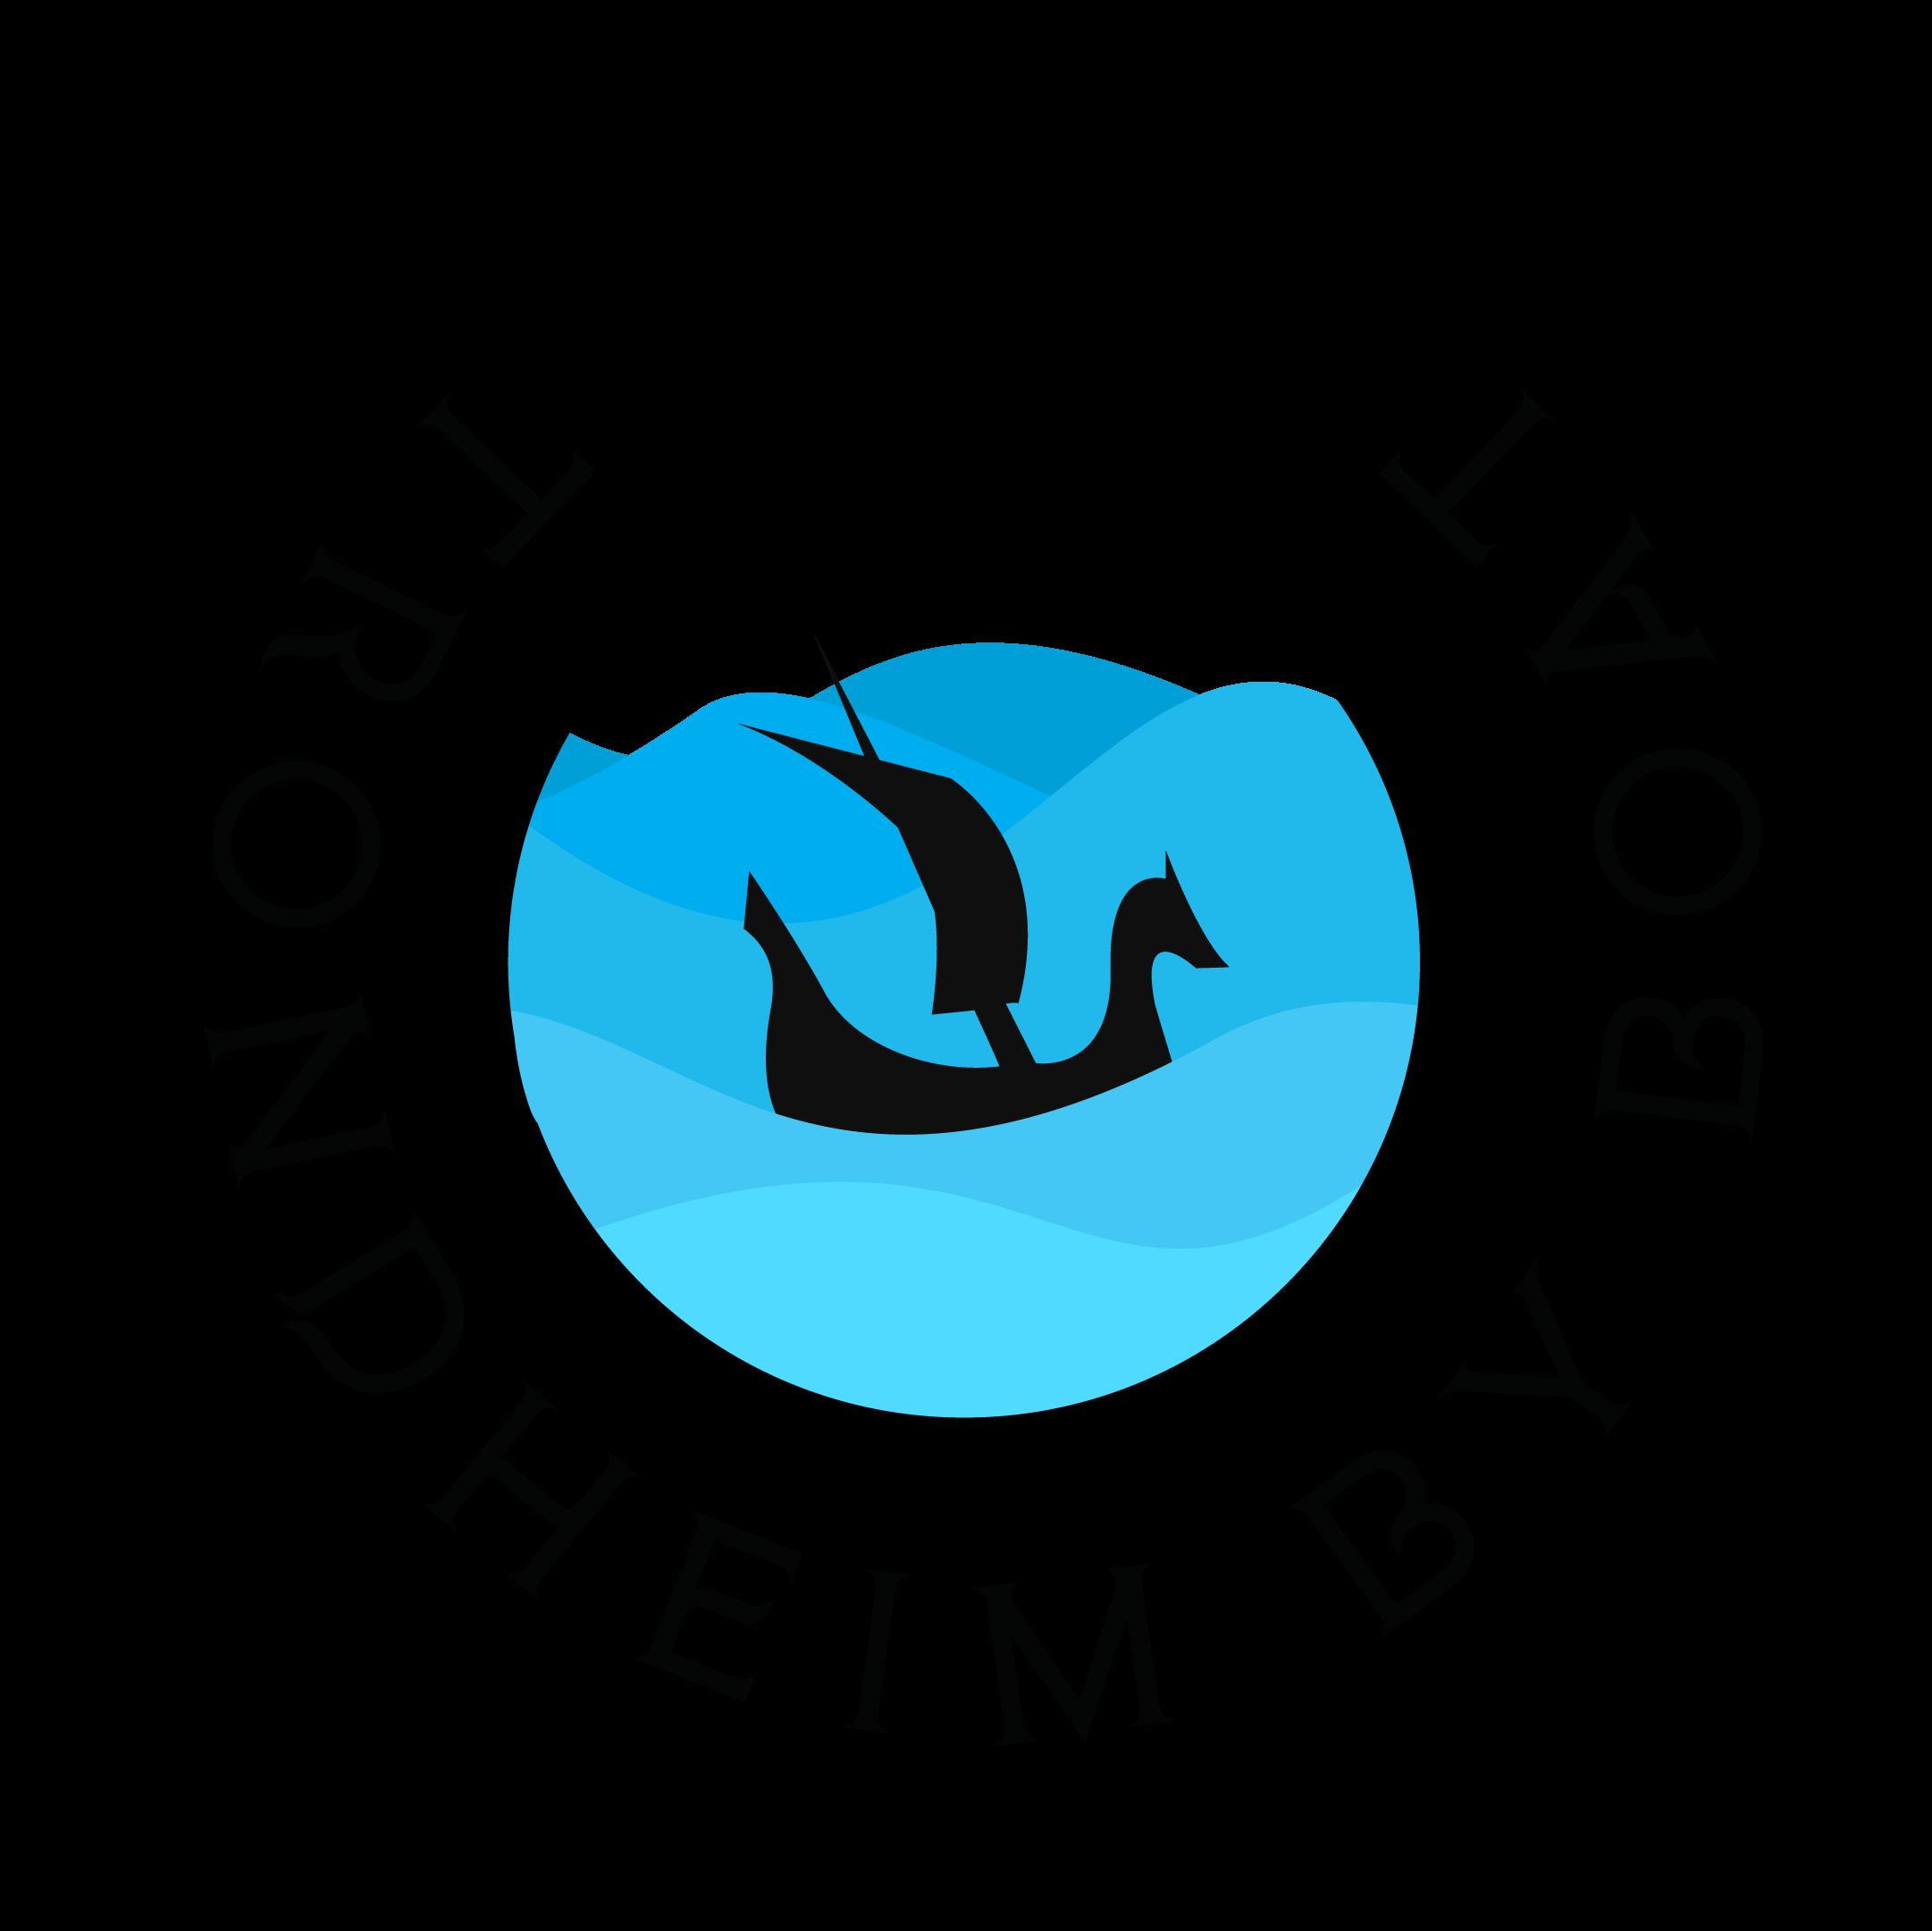 Følg eventyret på sosiale medier! - Del gjerne bildene dine med oss! @trondheimbyboat #trondheimbyboat